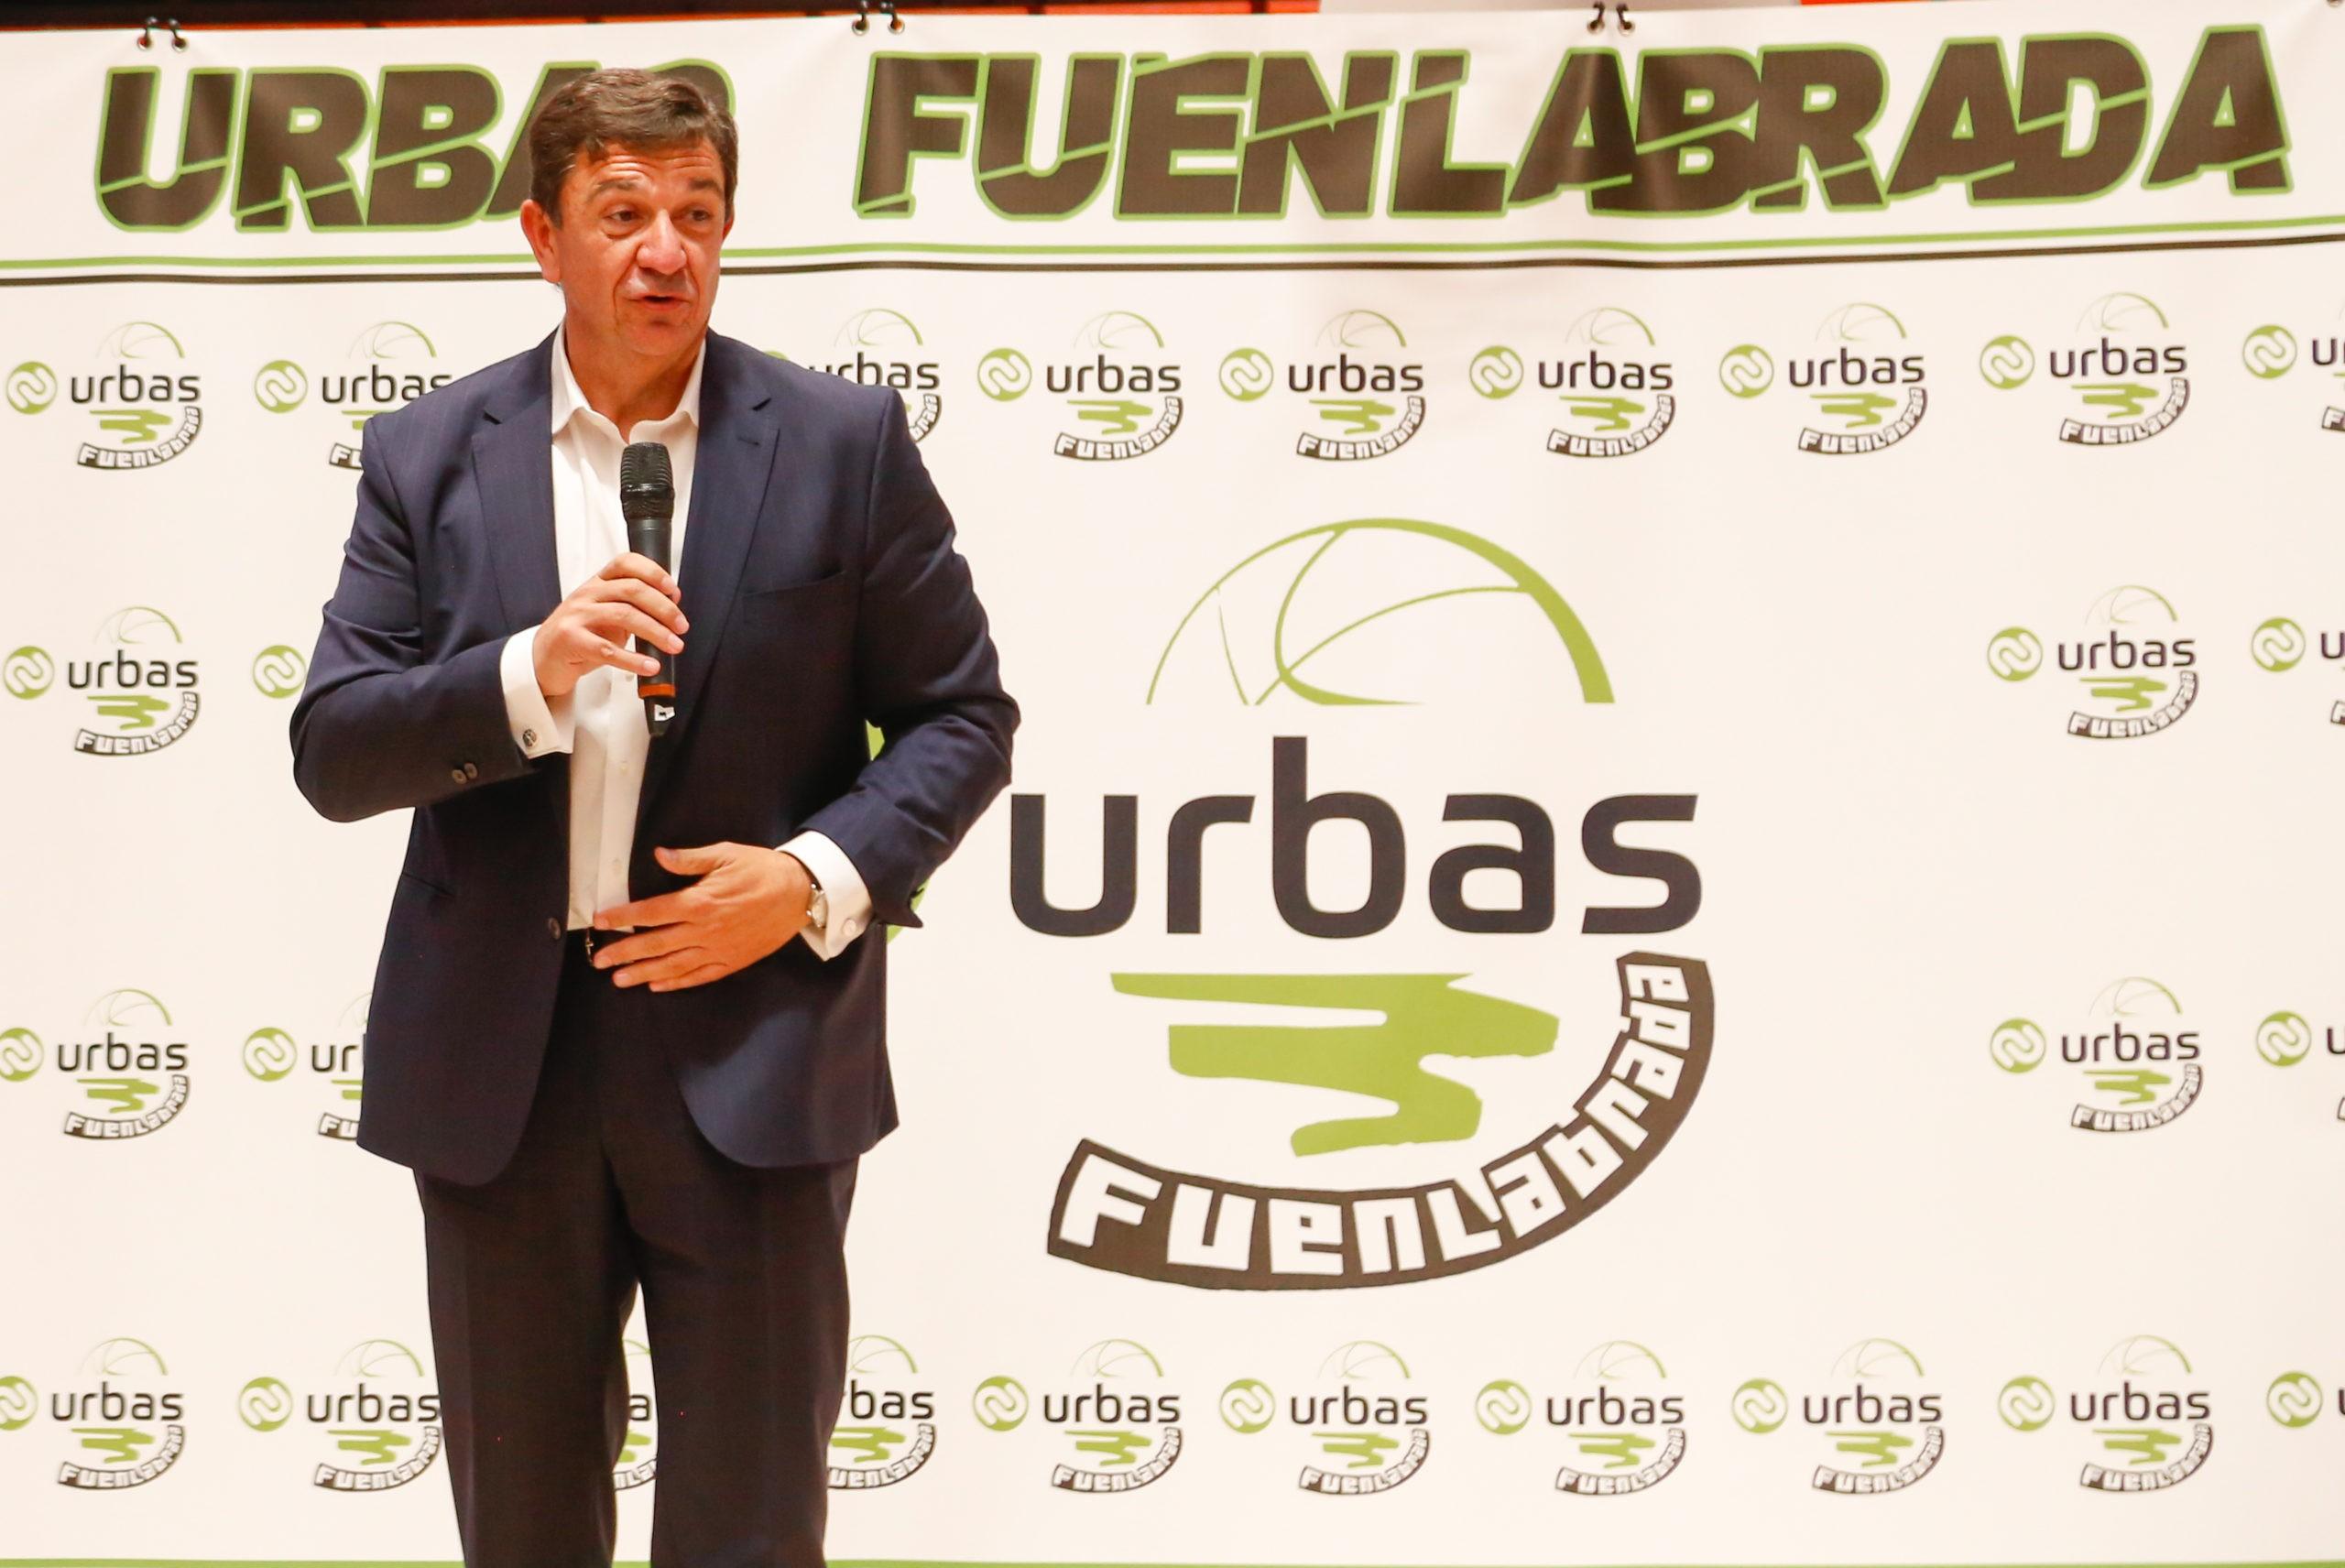 Presidente de Urbas, Juan Antonio Acedo Fernandez en la presentación del equipo Urbas-Fuenlabrada